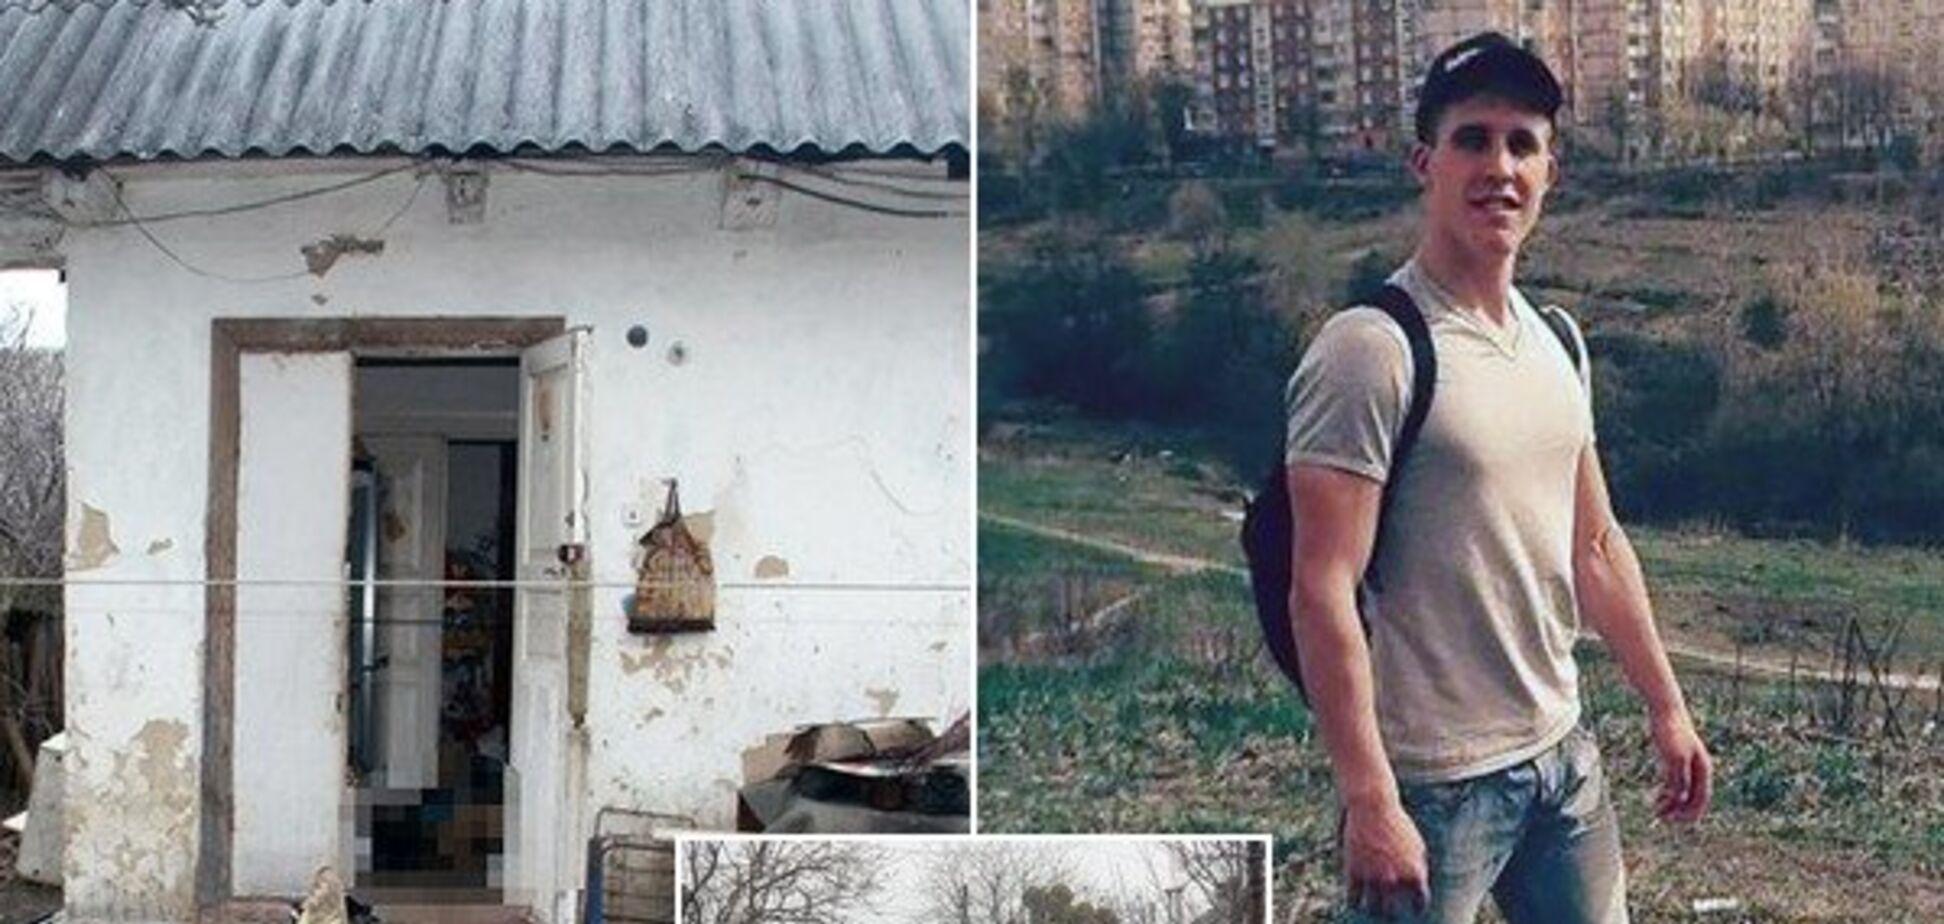 Подвійне вбивство: у Житомирі жорстоко розправилися з матір'ю і дочкою